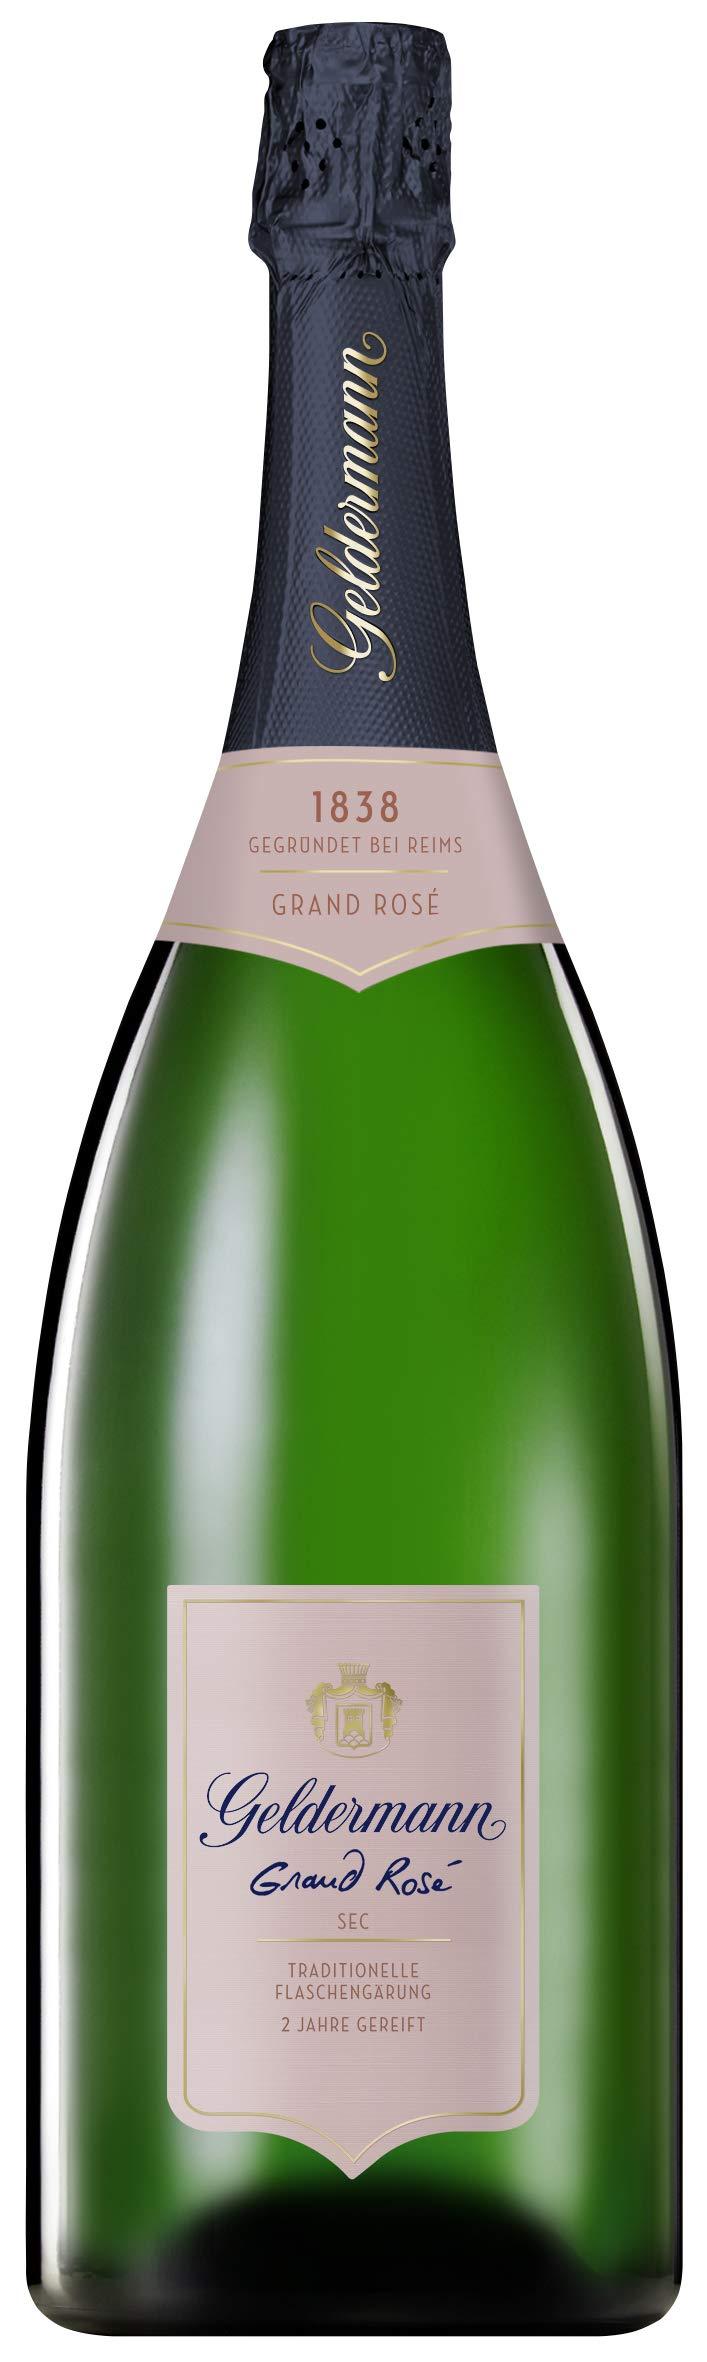 Geldermann-Grand-Ros-Sekt-Magnum-in-traditioneller-Flaschengrung-1-x-15-l